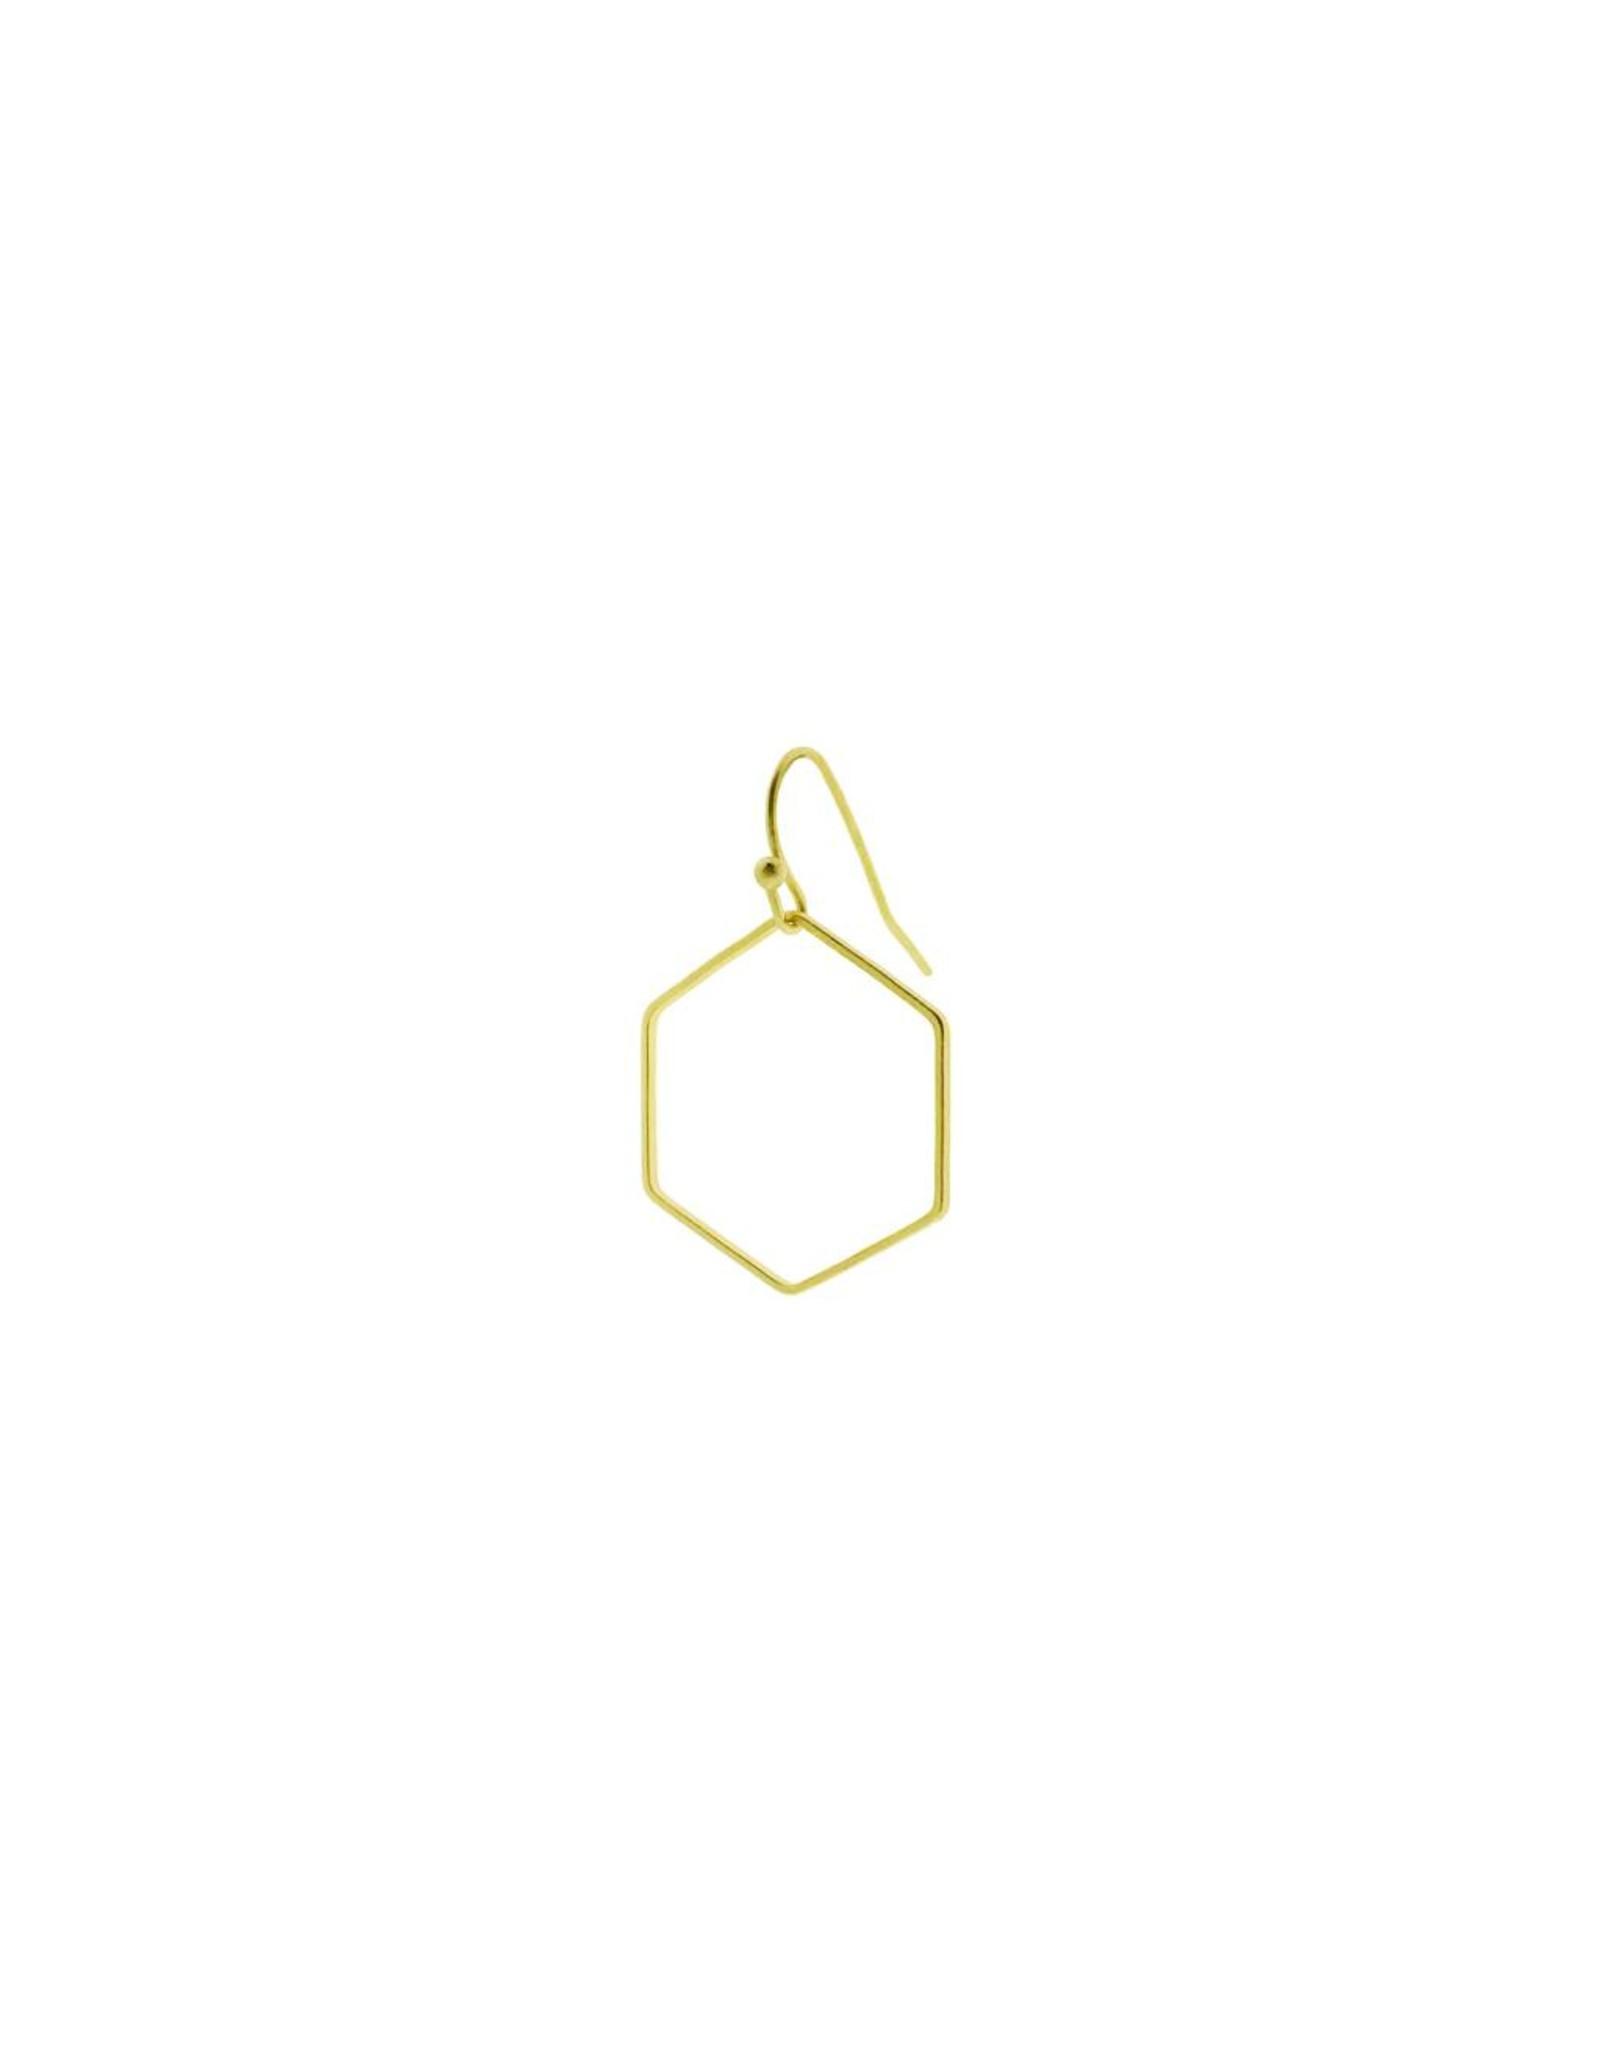 oorbEllen mix&match zeshoek mat goud korte hanger goud